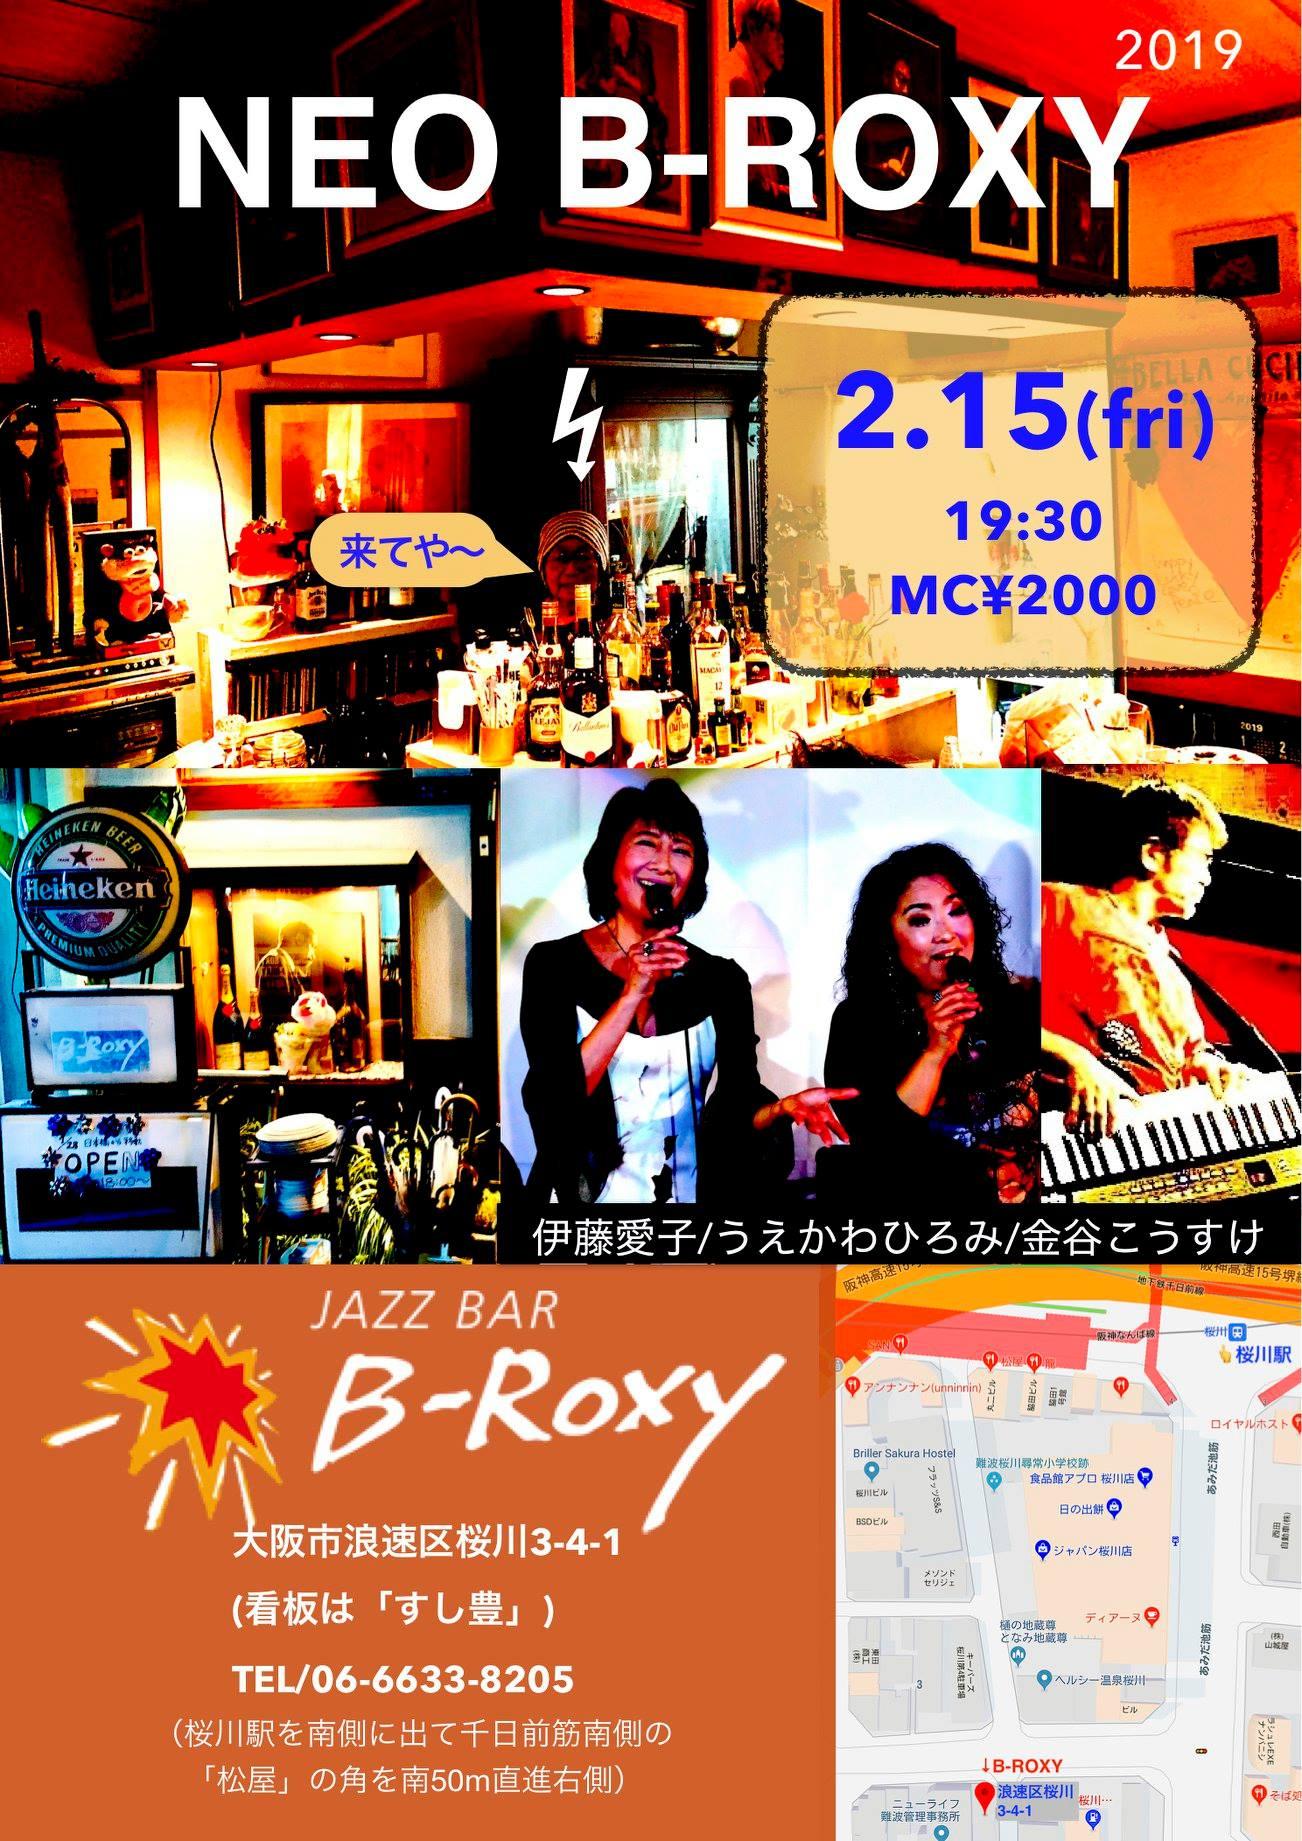 2月15日(金)B-Roxy桜川 アコースティック・ギグ🎵